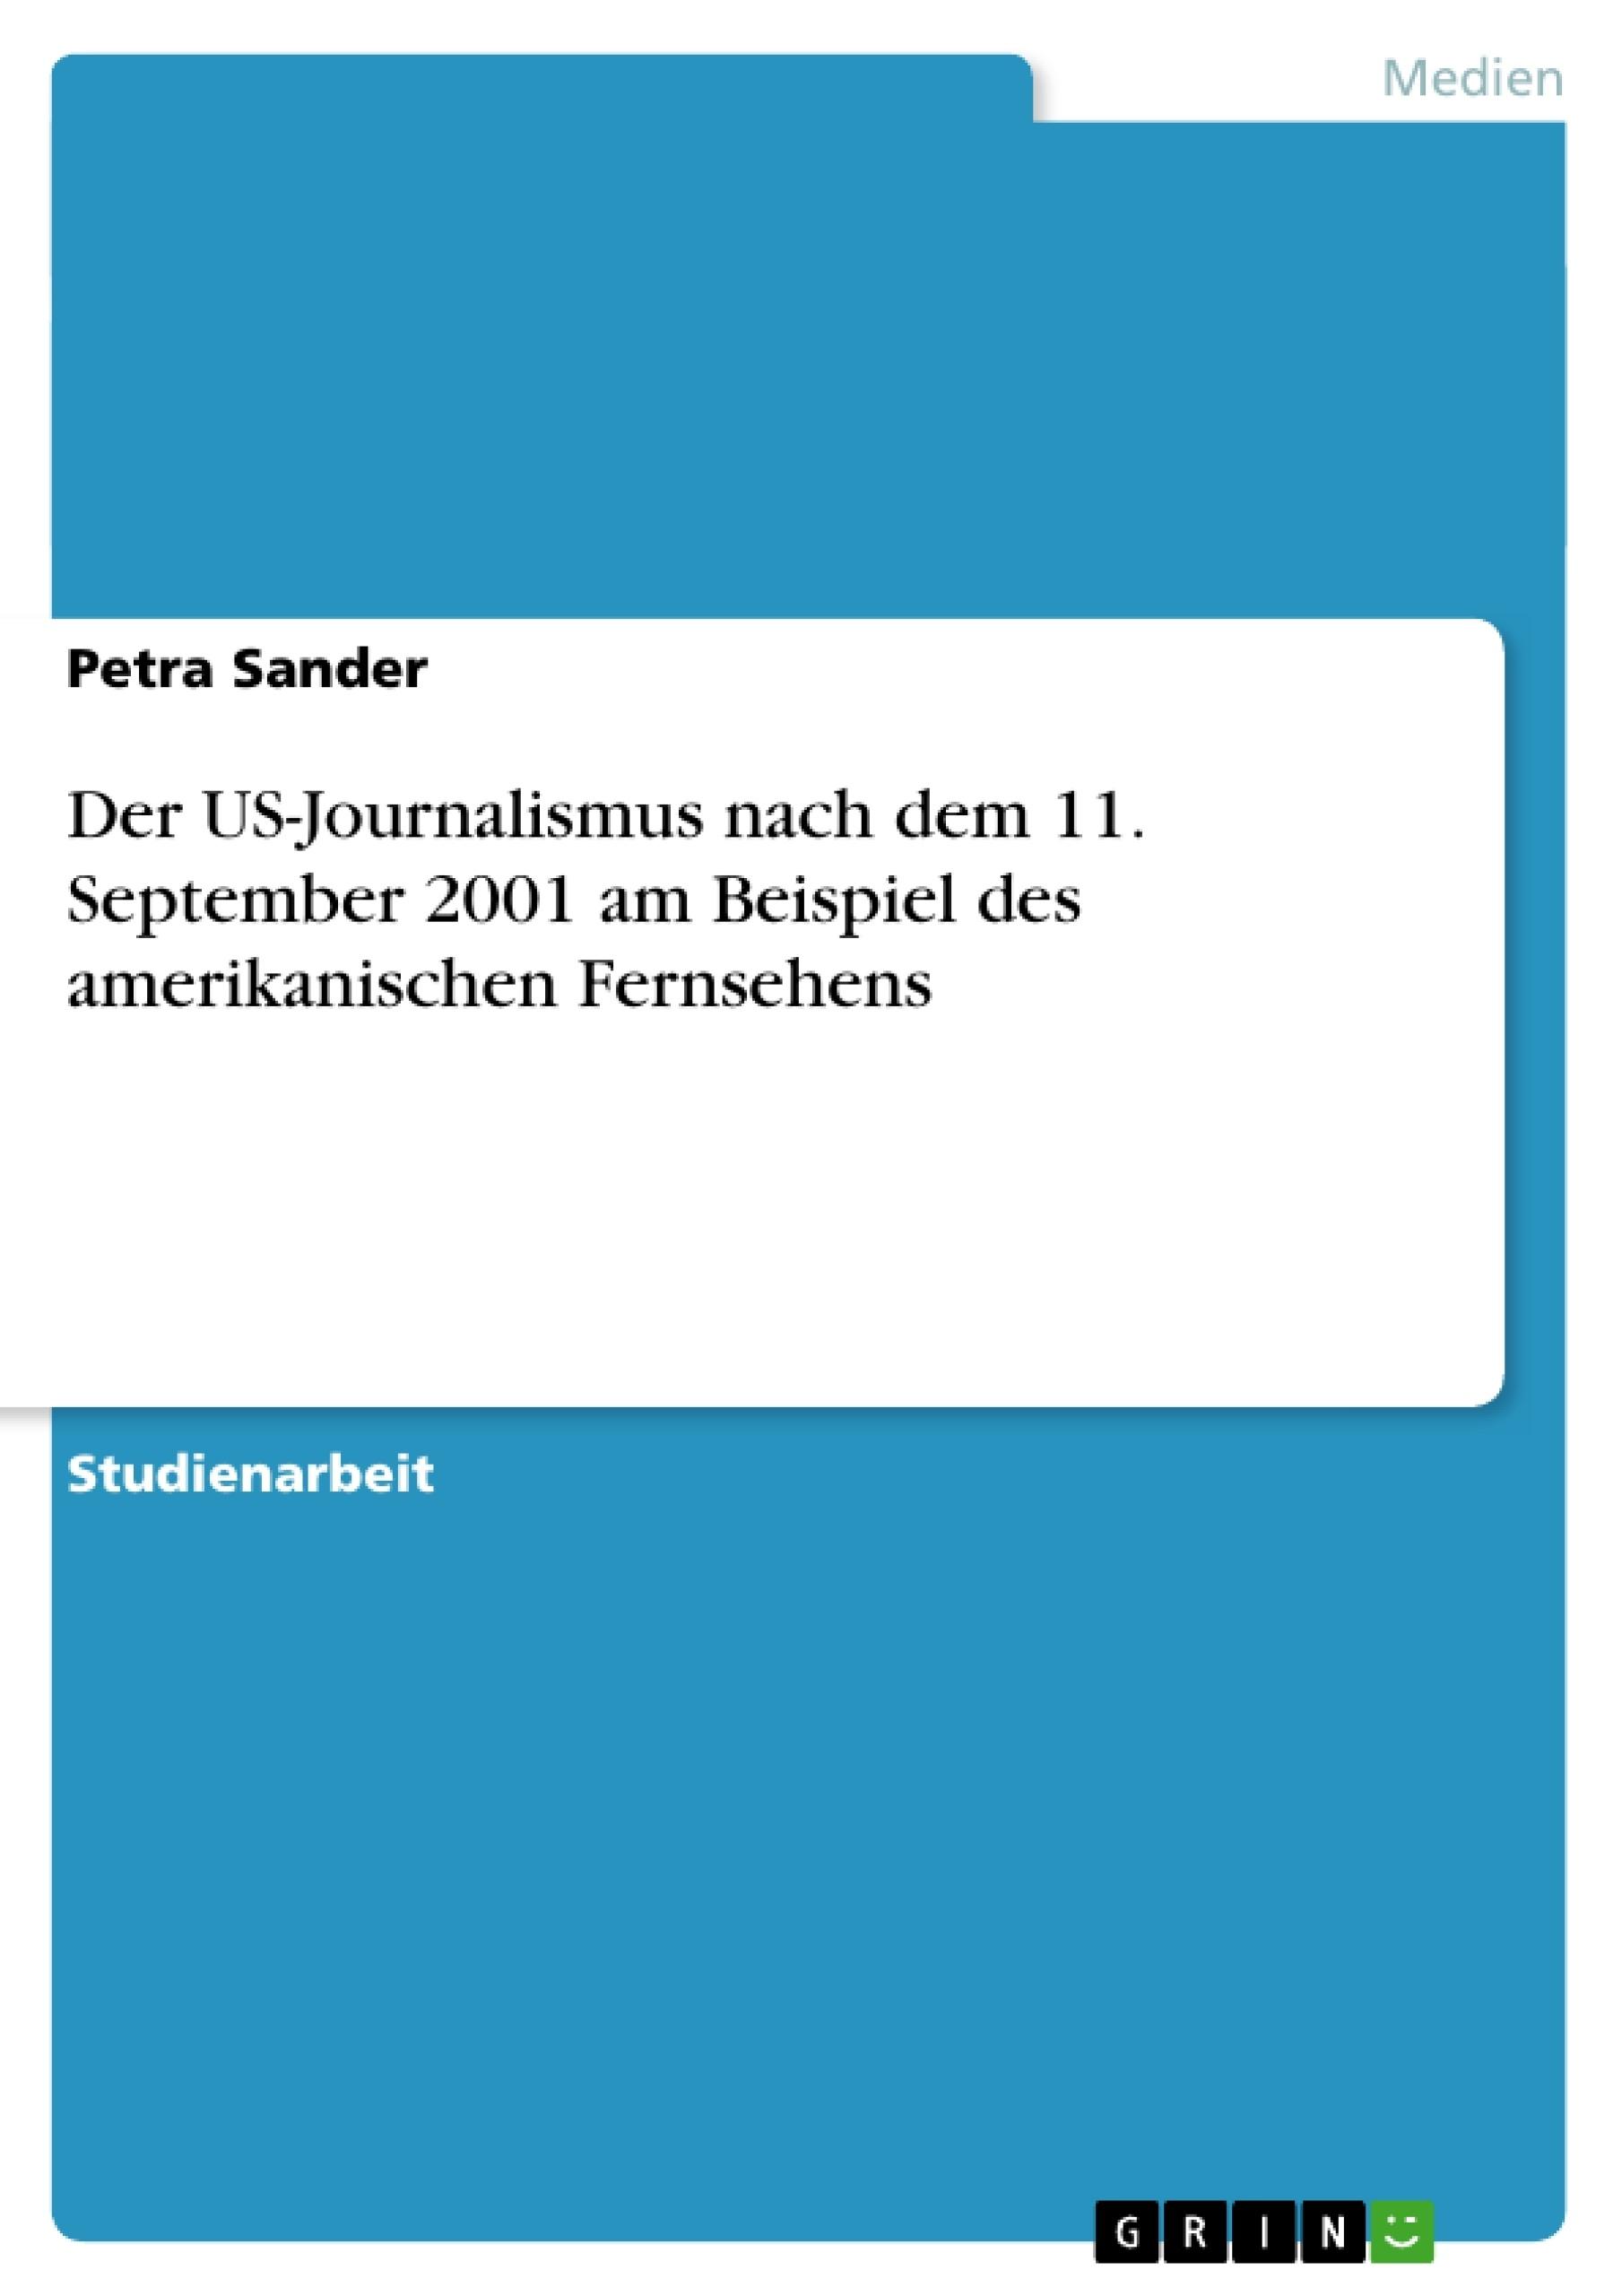 Titel: Der US-Journalismus nach dem 11. September 2001 am Beispiel des amerikanischen Fernsehens